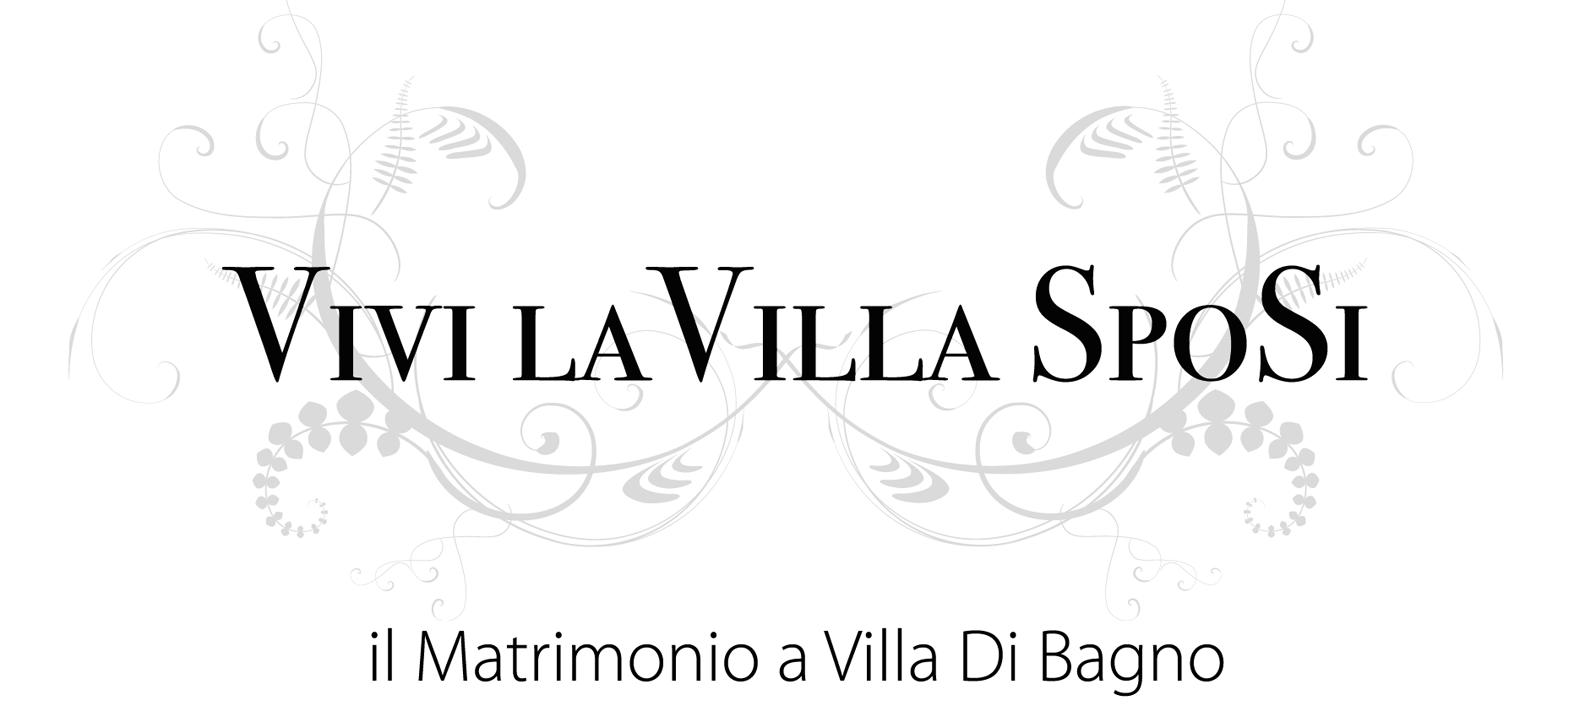 Vivi la villa sposi il matrimonio a villa di bagno - Bagno la villa pinarella ...